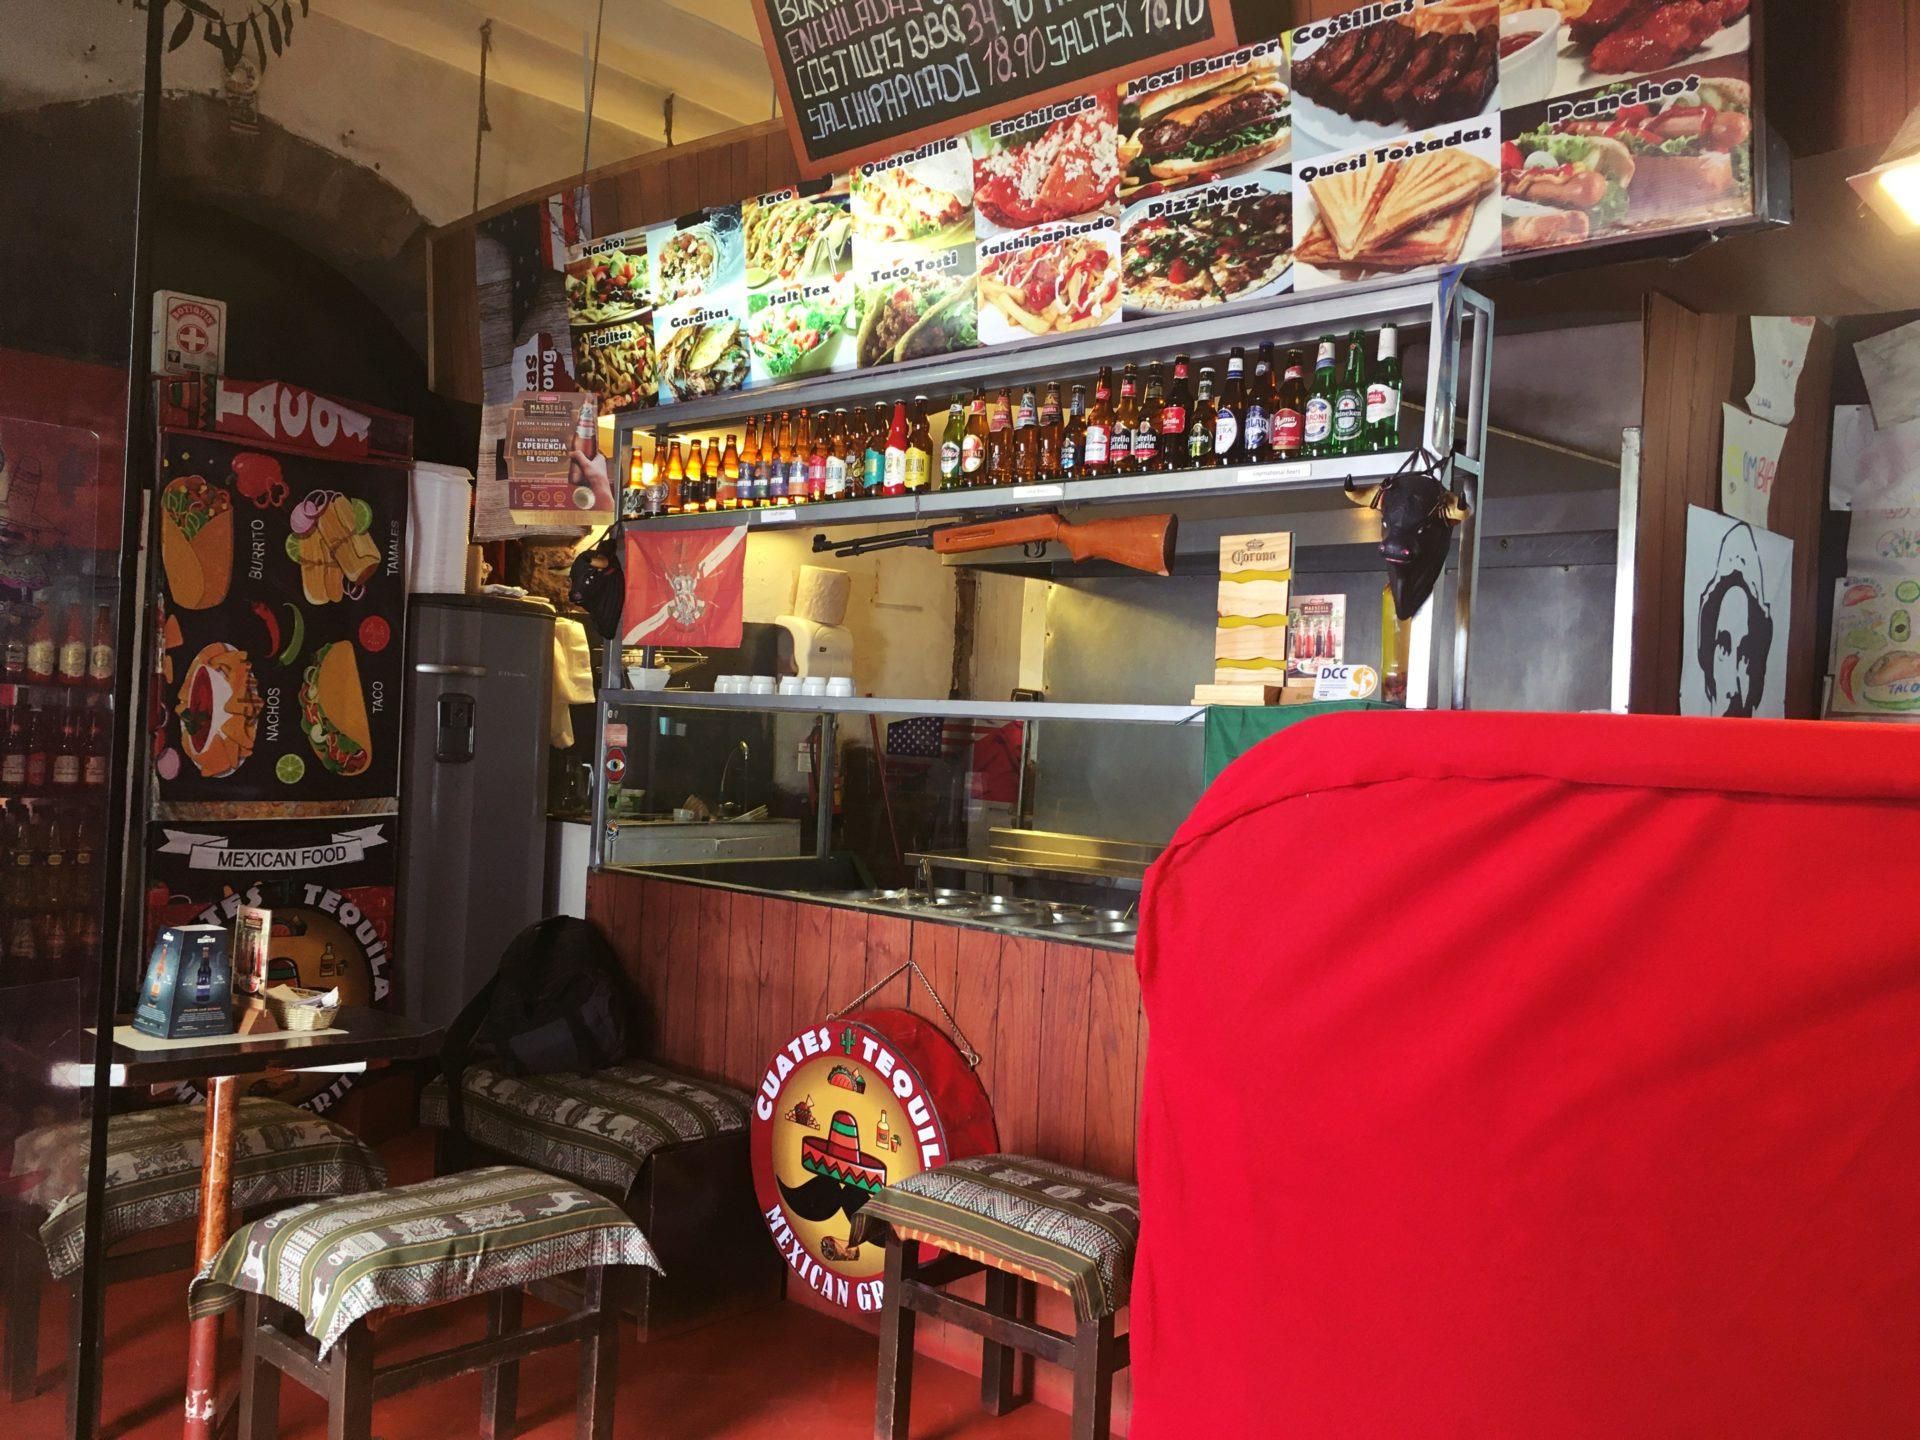 ペルー, クスコ, レストラン, メキシカン